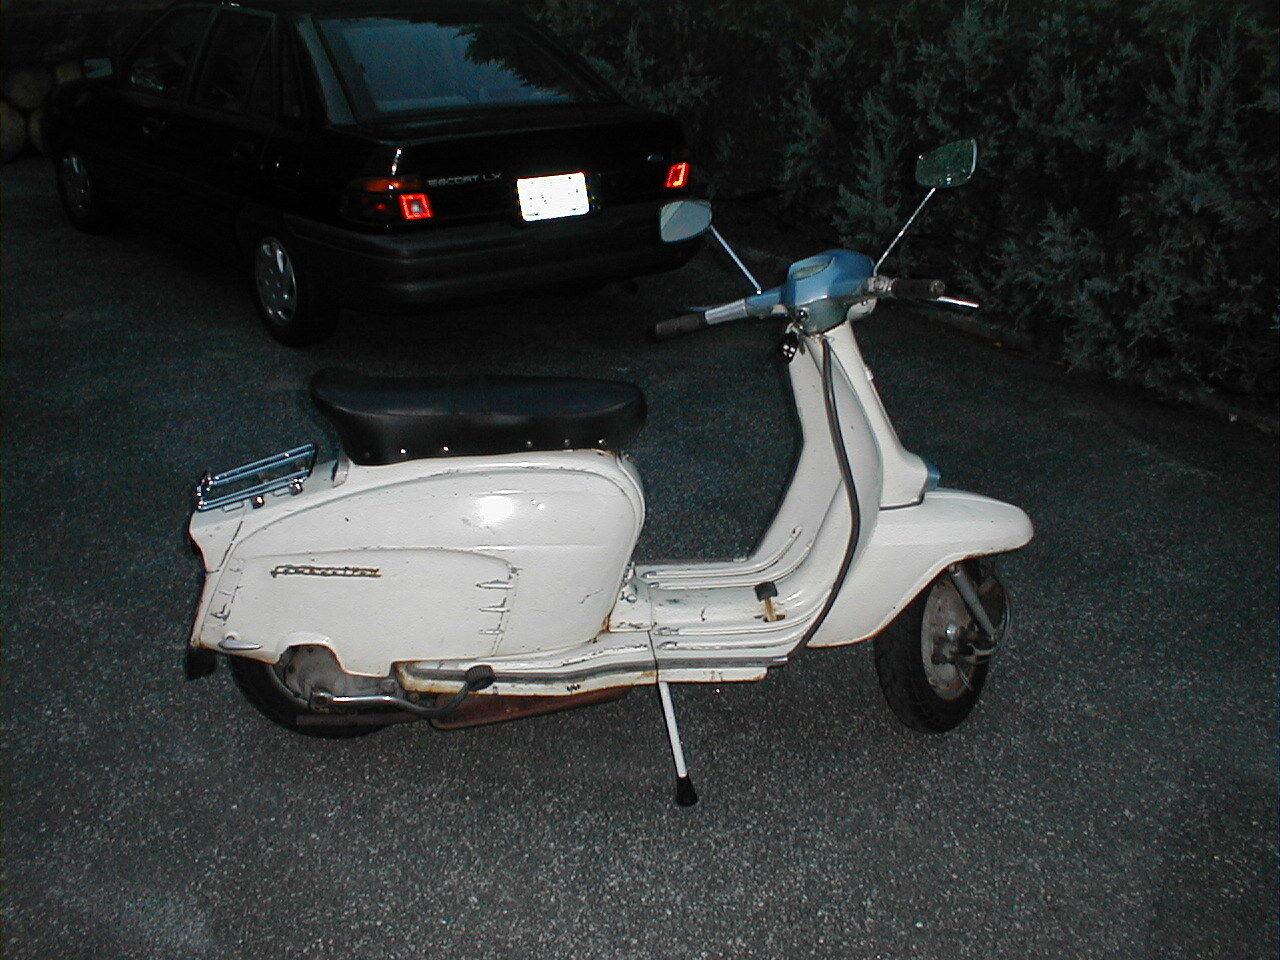 1965 Other Makes Lambretta TV175  1965 Lambretta TV175 Scooter - Used, Running, Registered